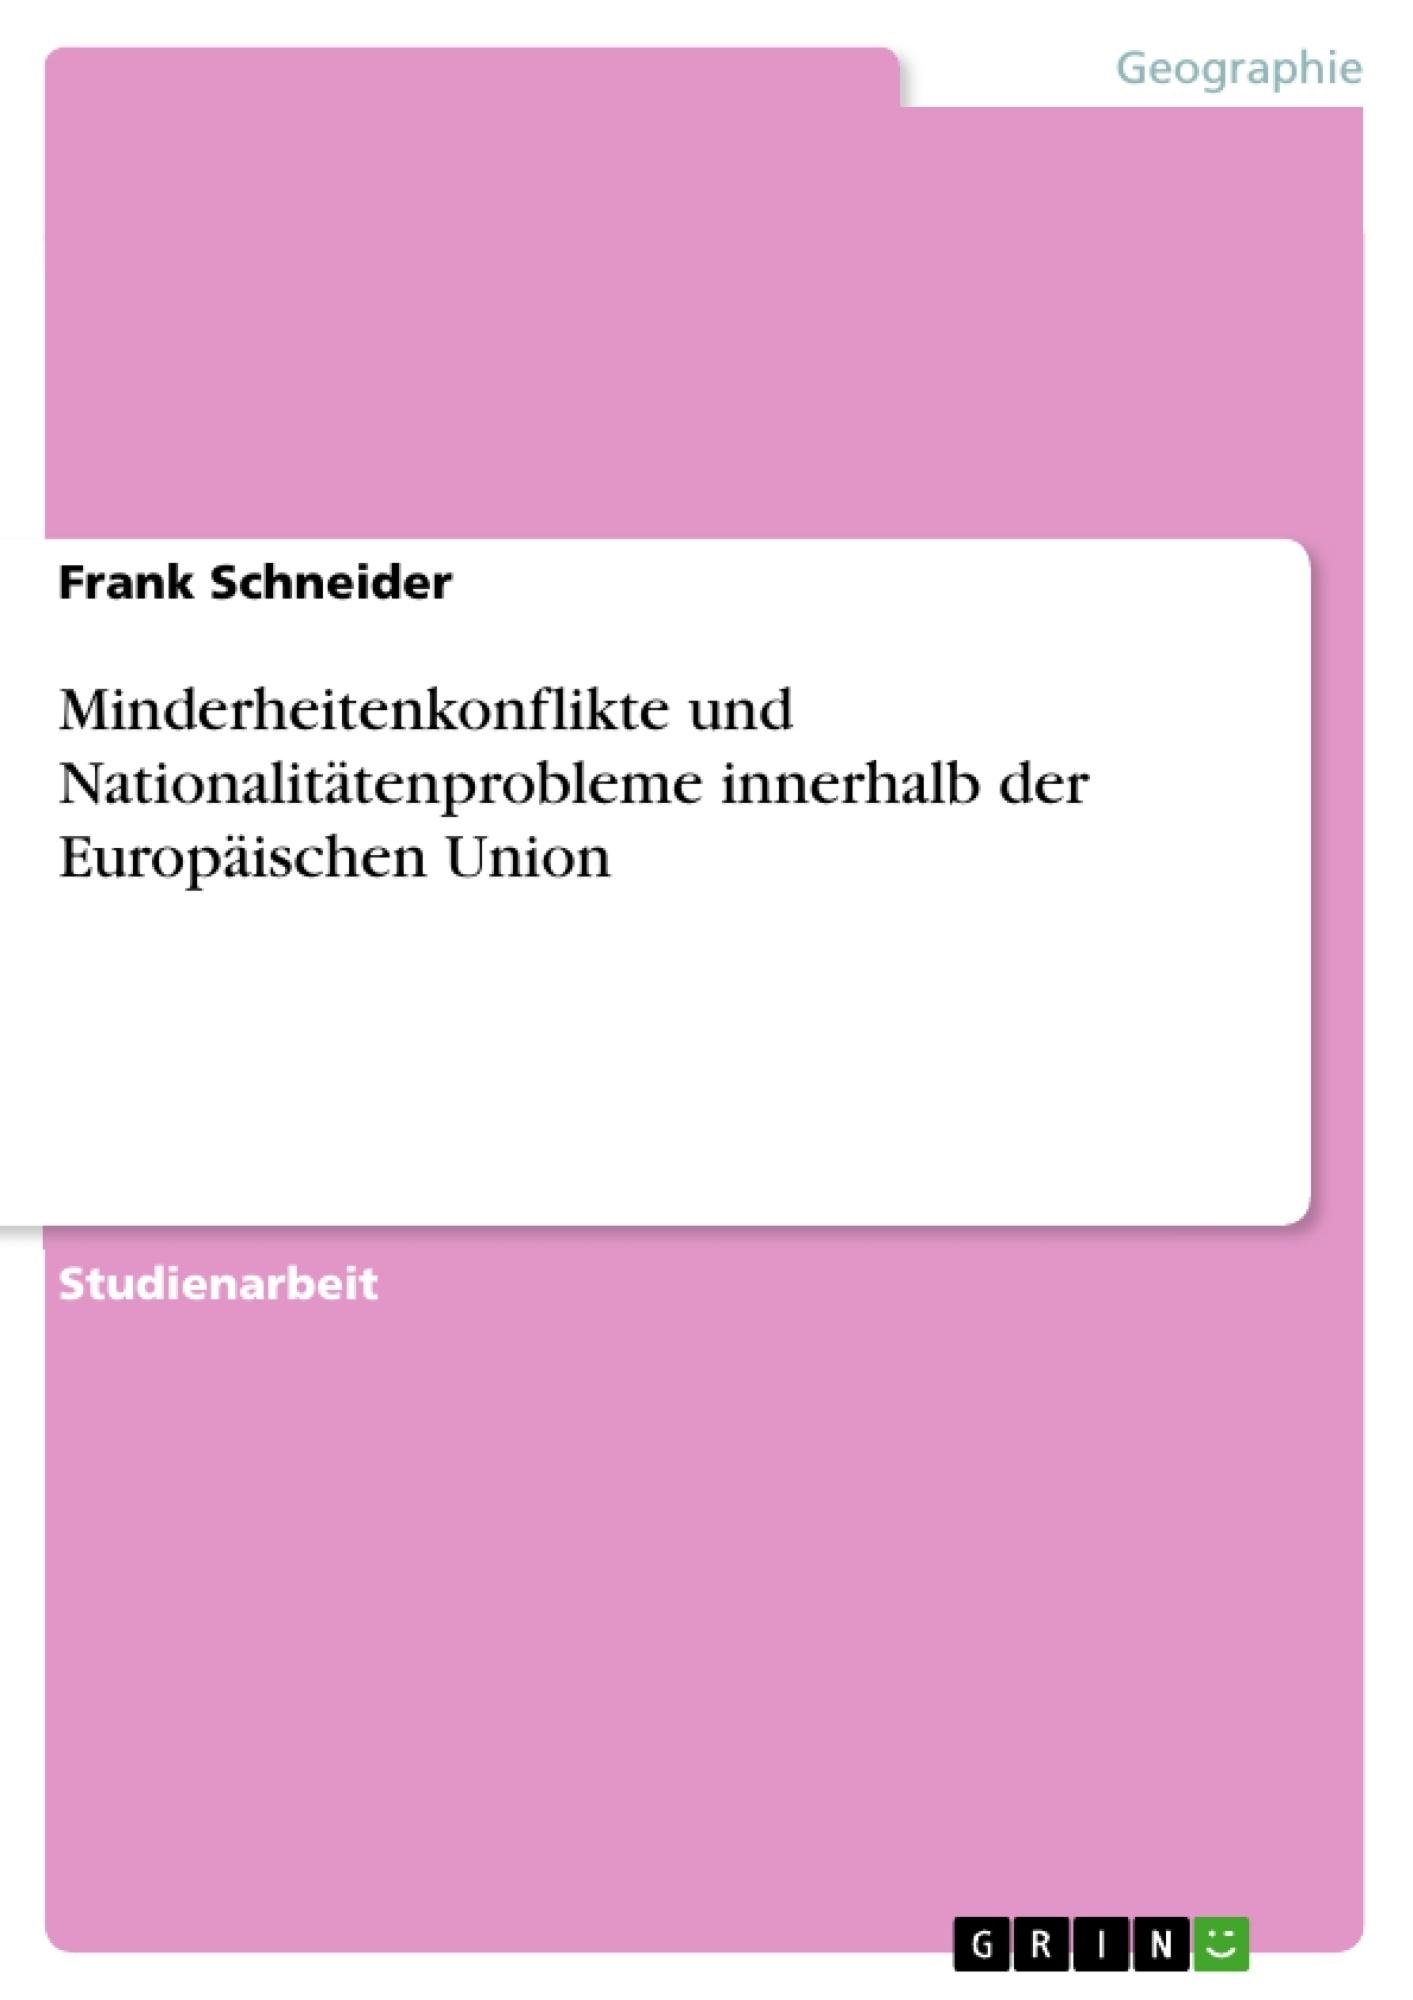 Titel: Minderheitenkonflikte und Nationalitätenprobleme innerhalb der Europäischen Union